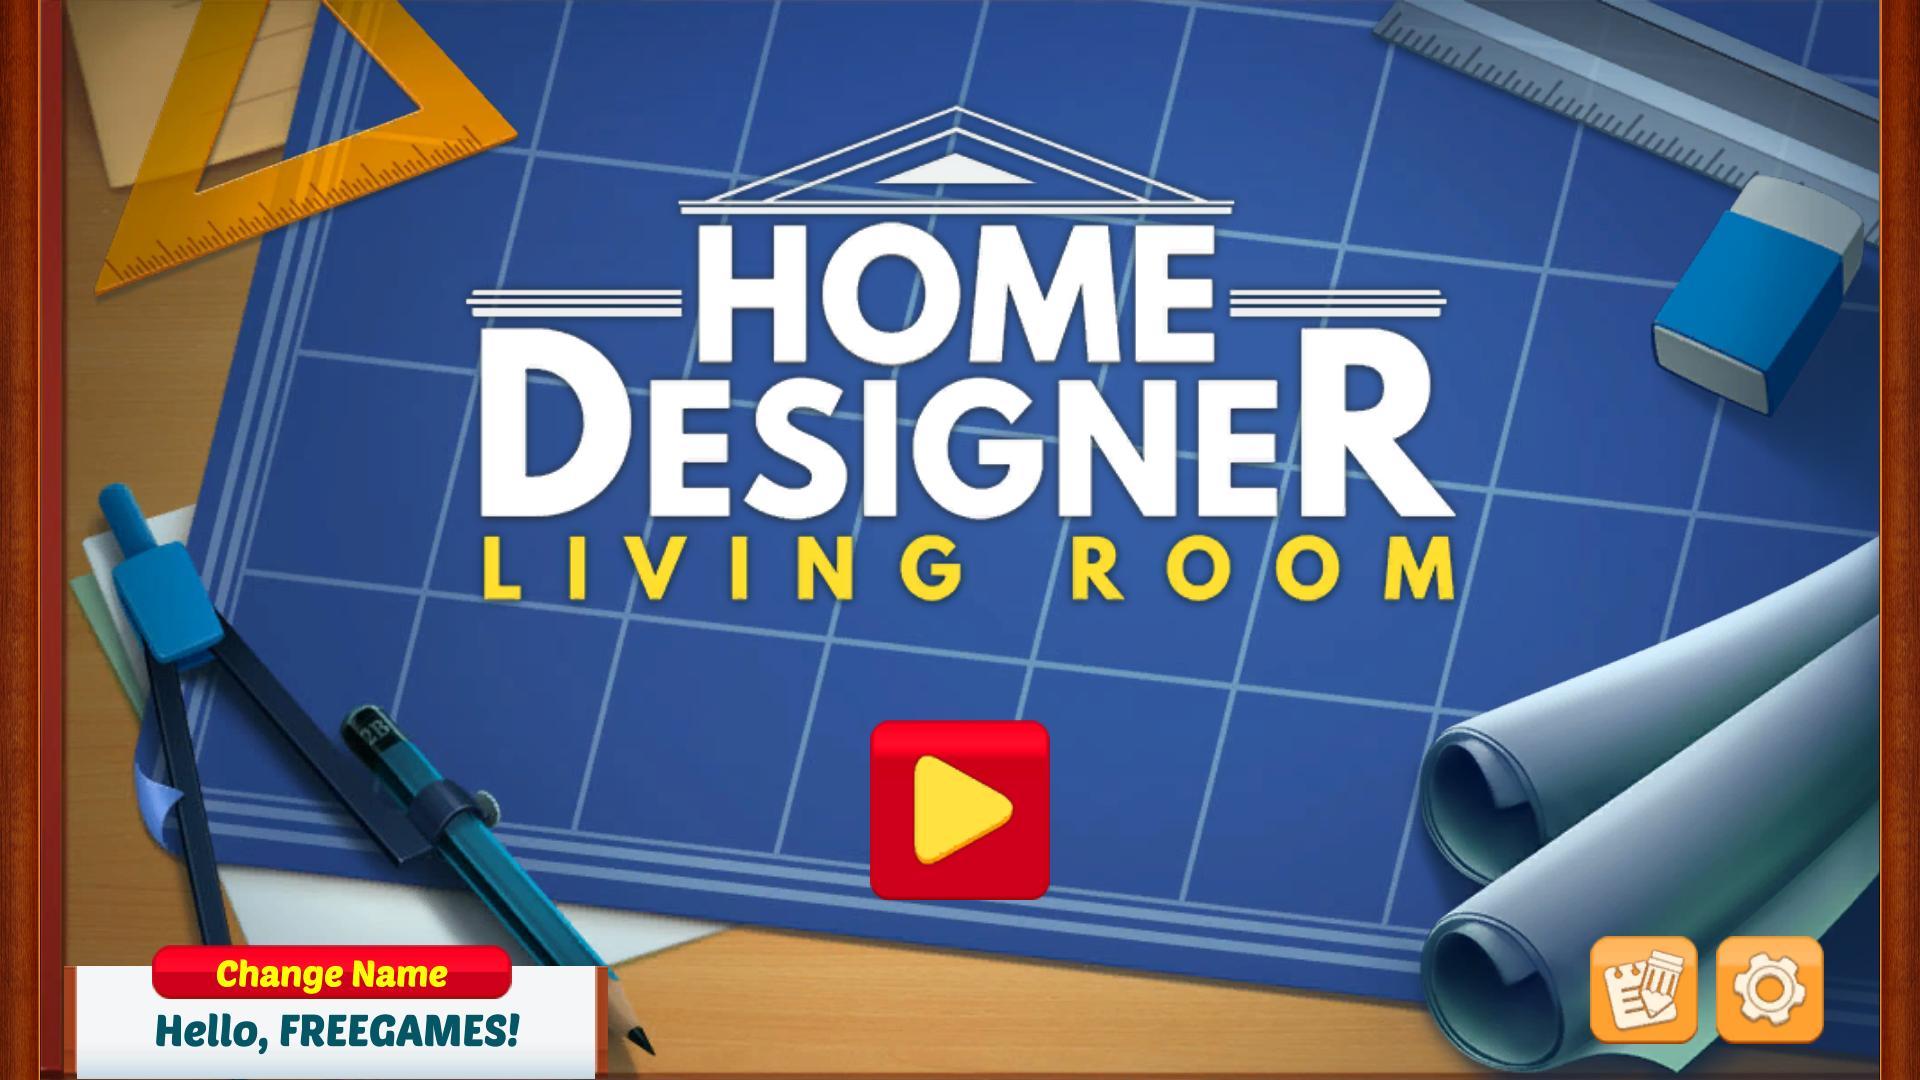 Домашний Дизайнер: Гостиная | Home Designer: Living Room (En)